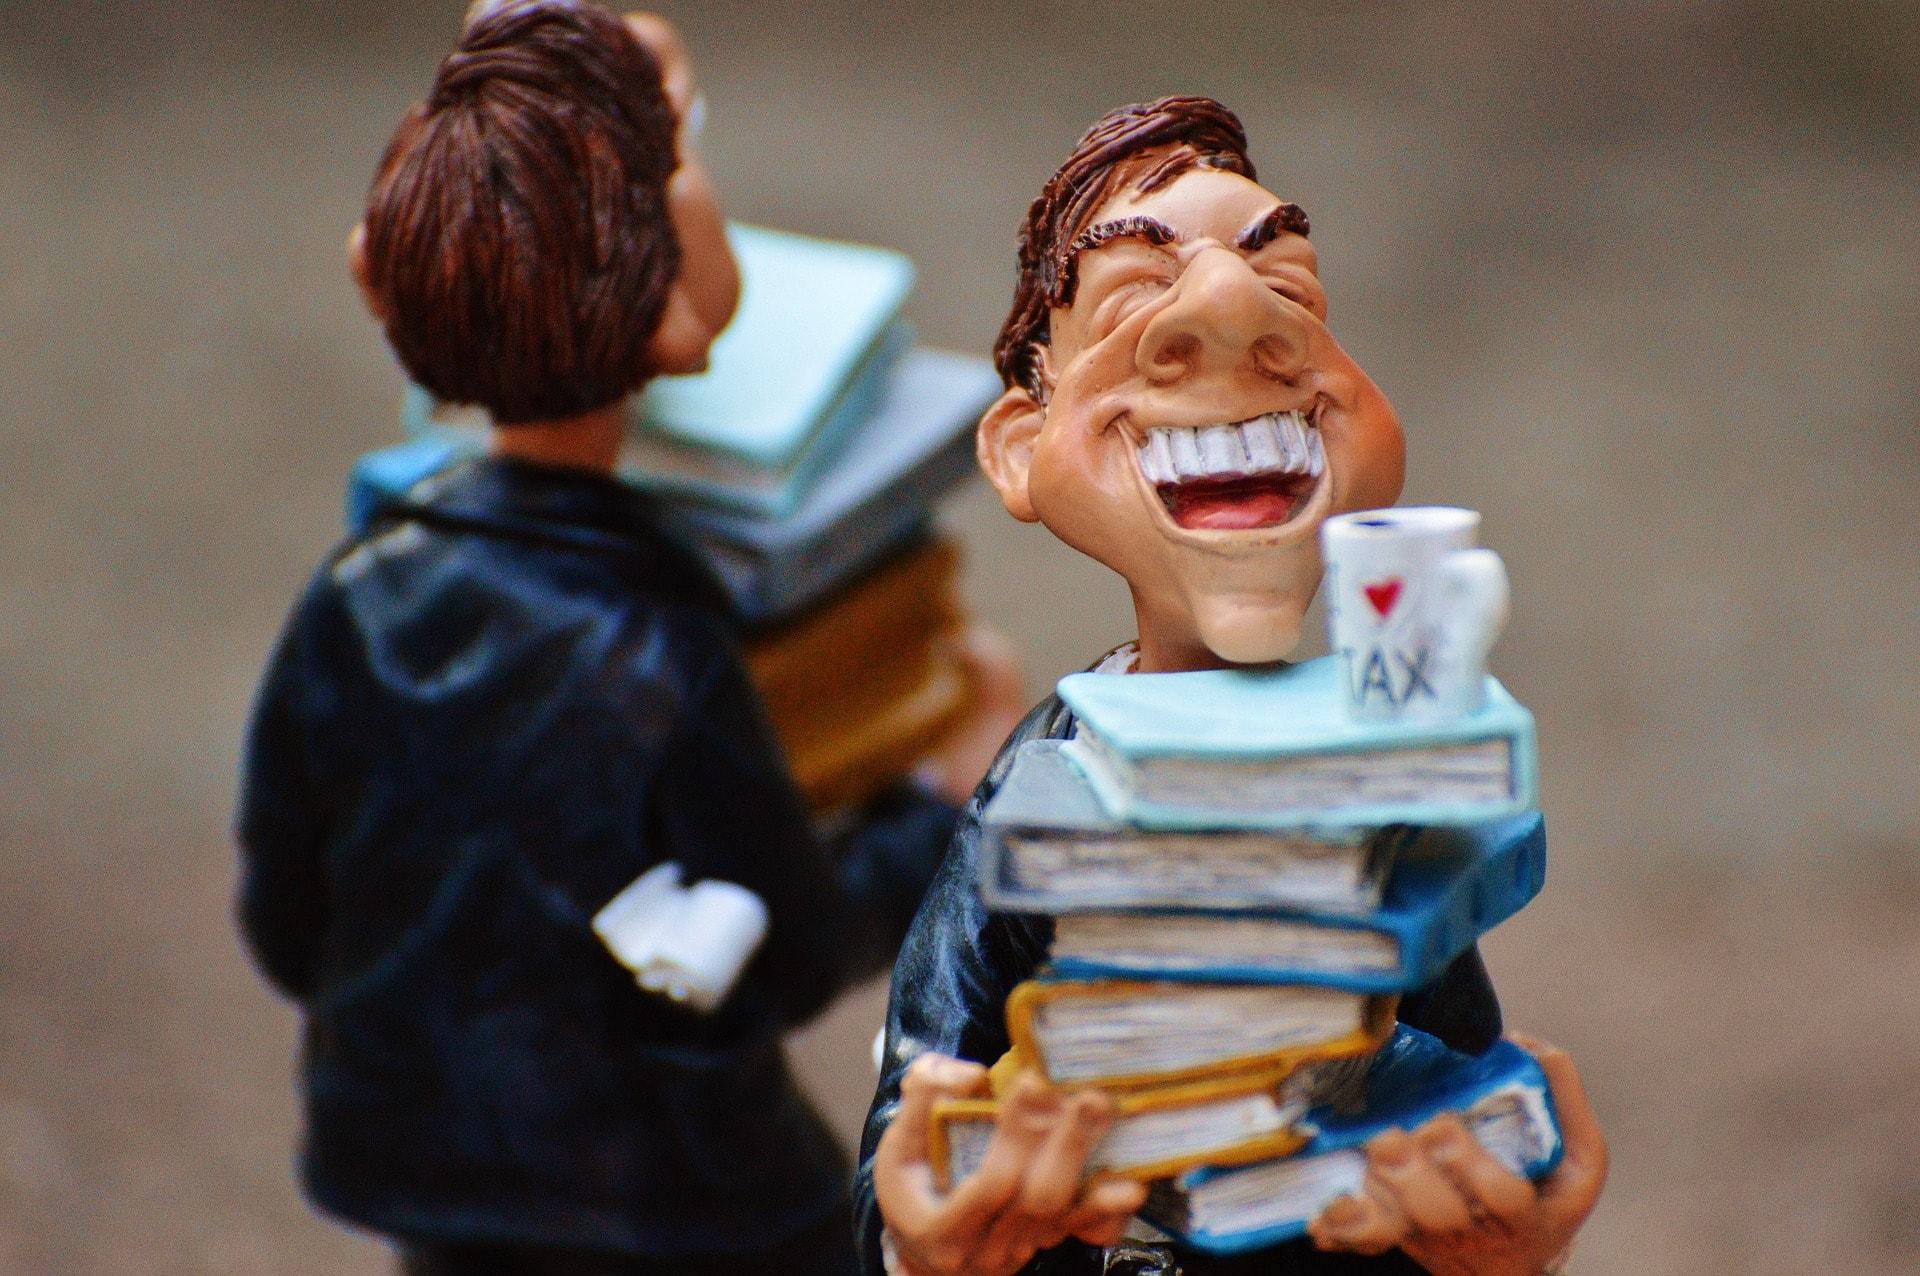 海外進学のための留学斡旋会社を選ぶときに気をつけるべき3つのこと